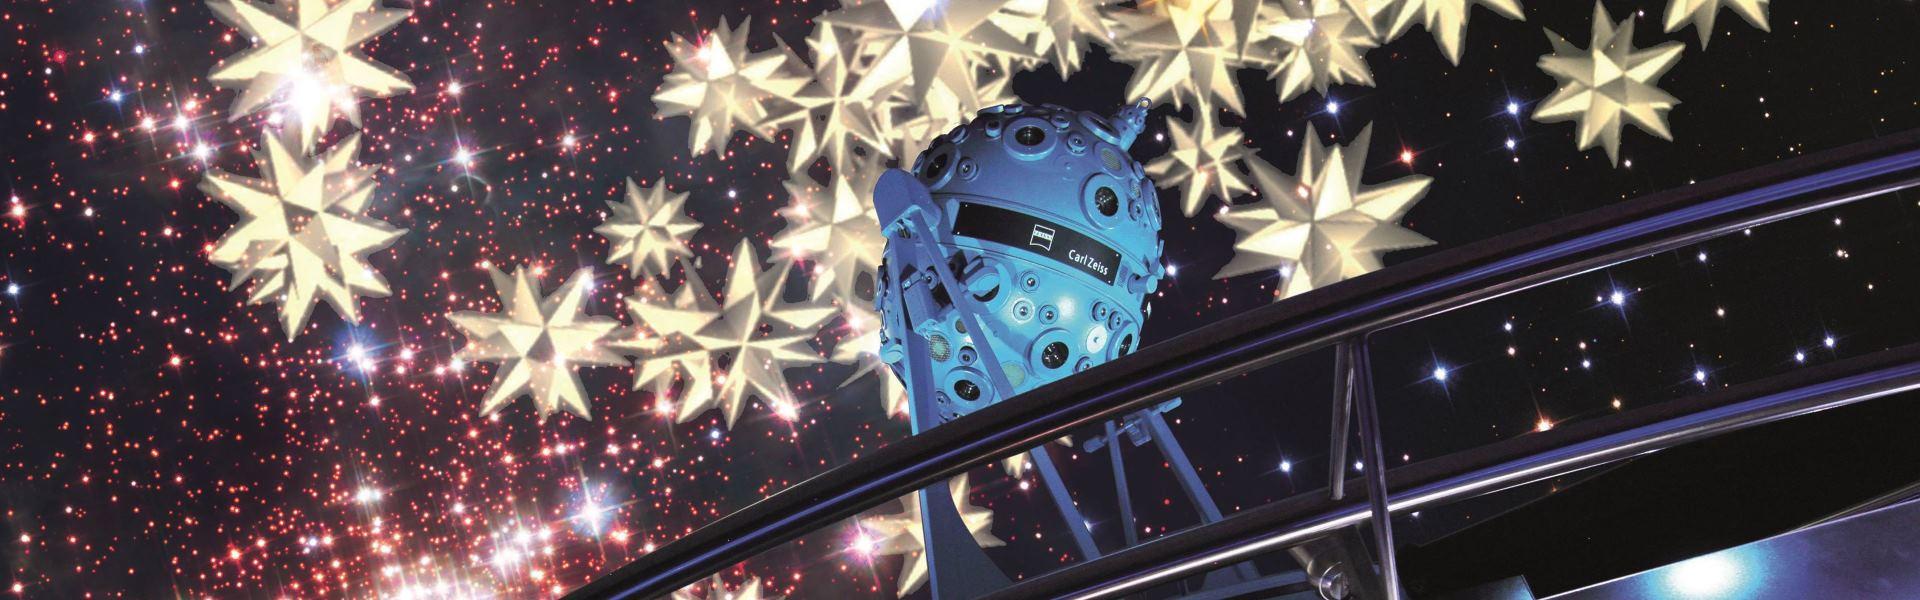 Sternenglanz zur Weihnachtszeit